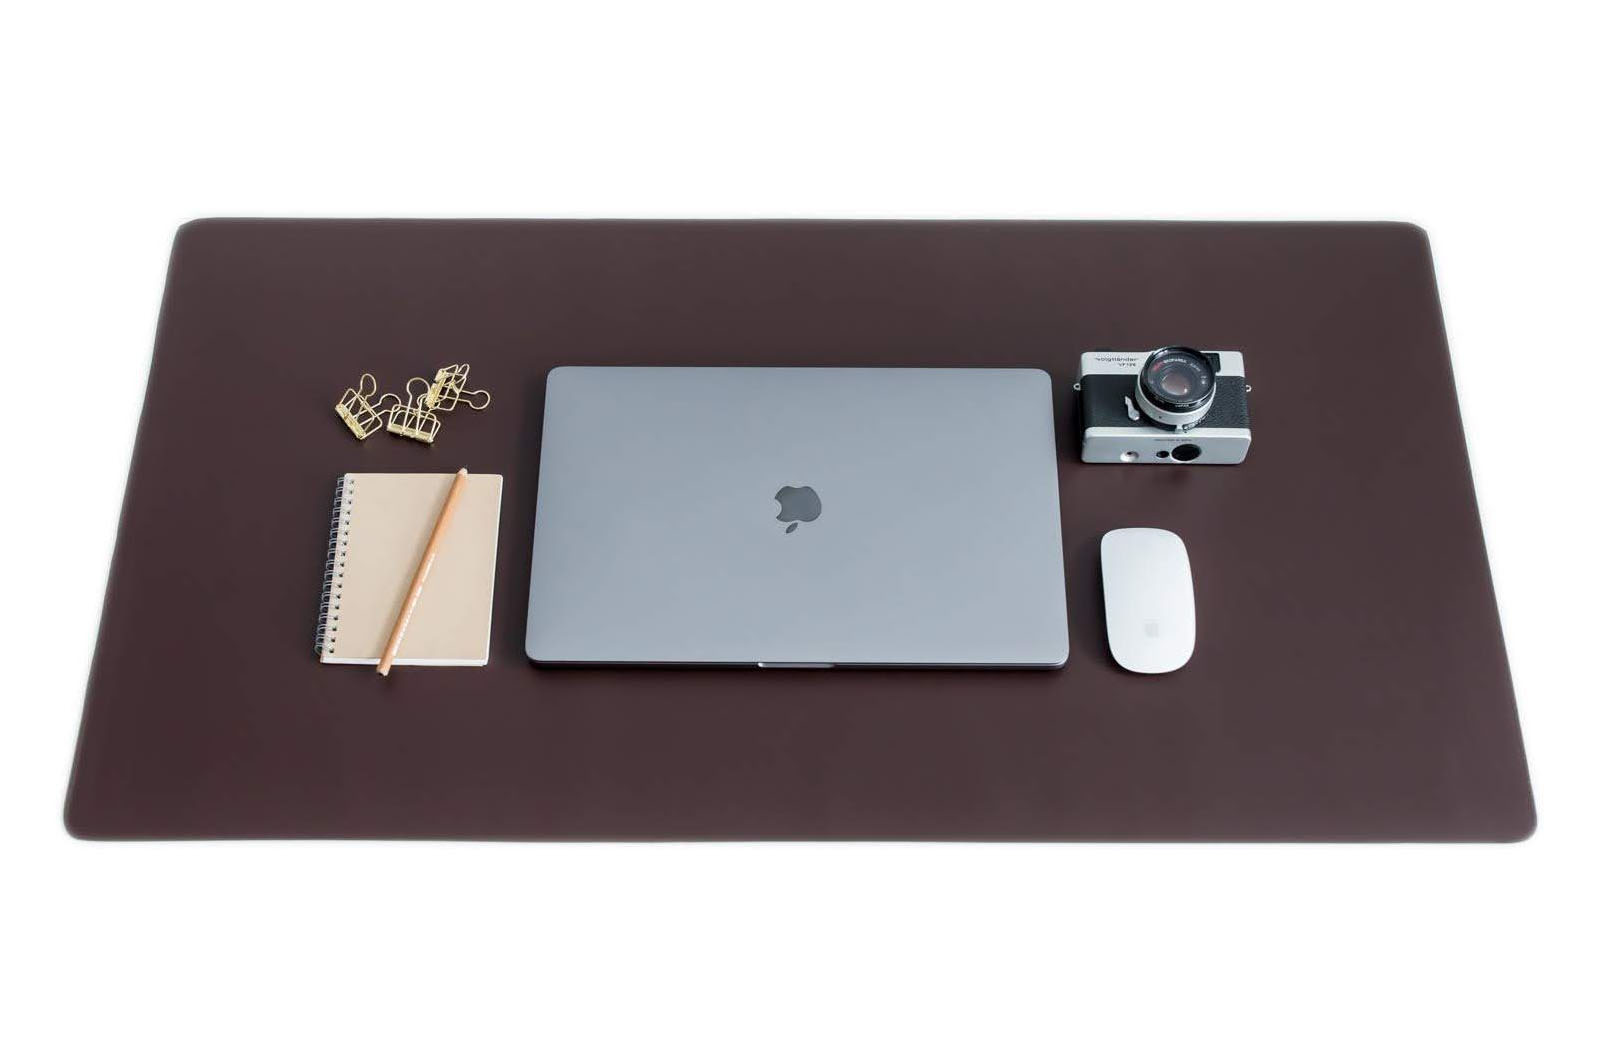 stalo kilimelis dovanos vyrams   verslo dovana naturalios odos ranku darbo laptop kompiuterio  padas stalo uztiesimas gimtadienio jubiliejaus brangios prabangios sukaktuviu dovana vyrui   11